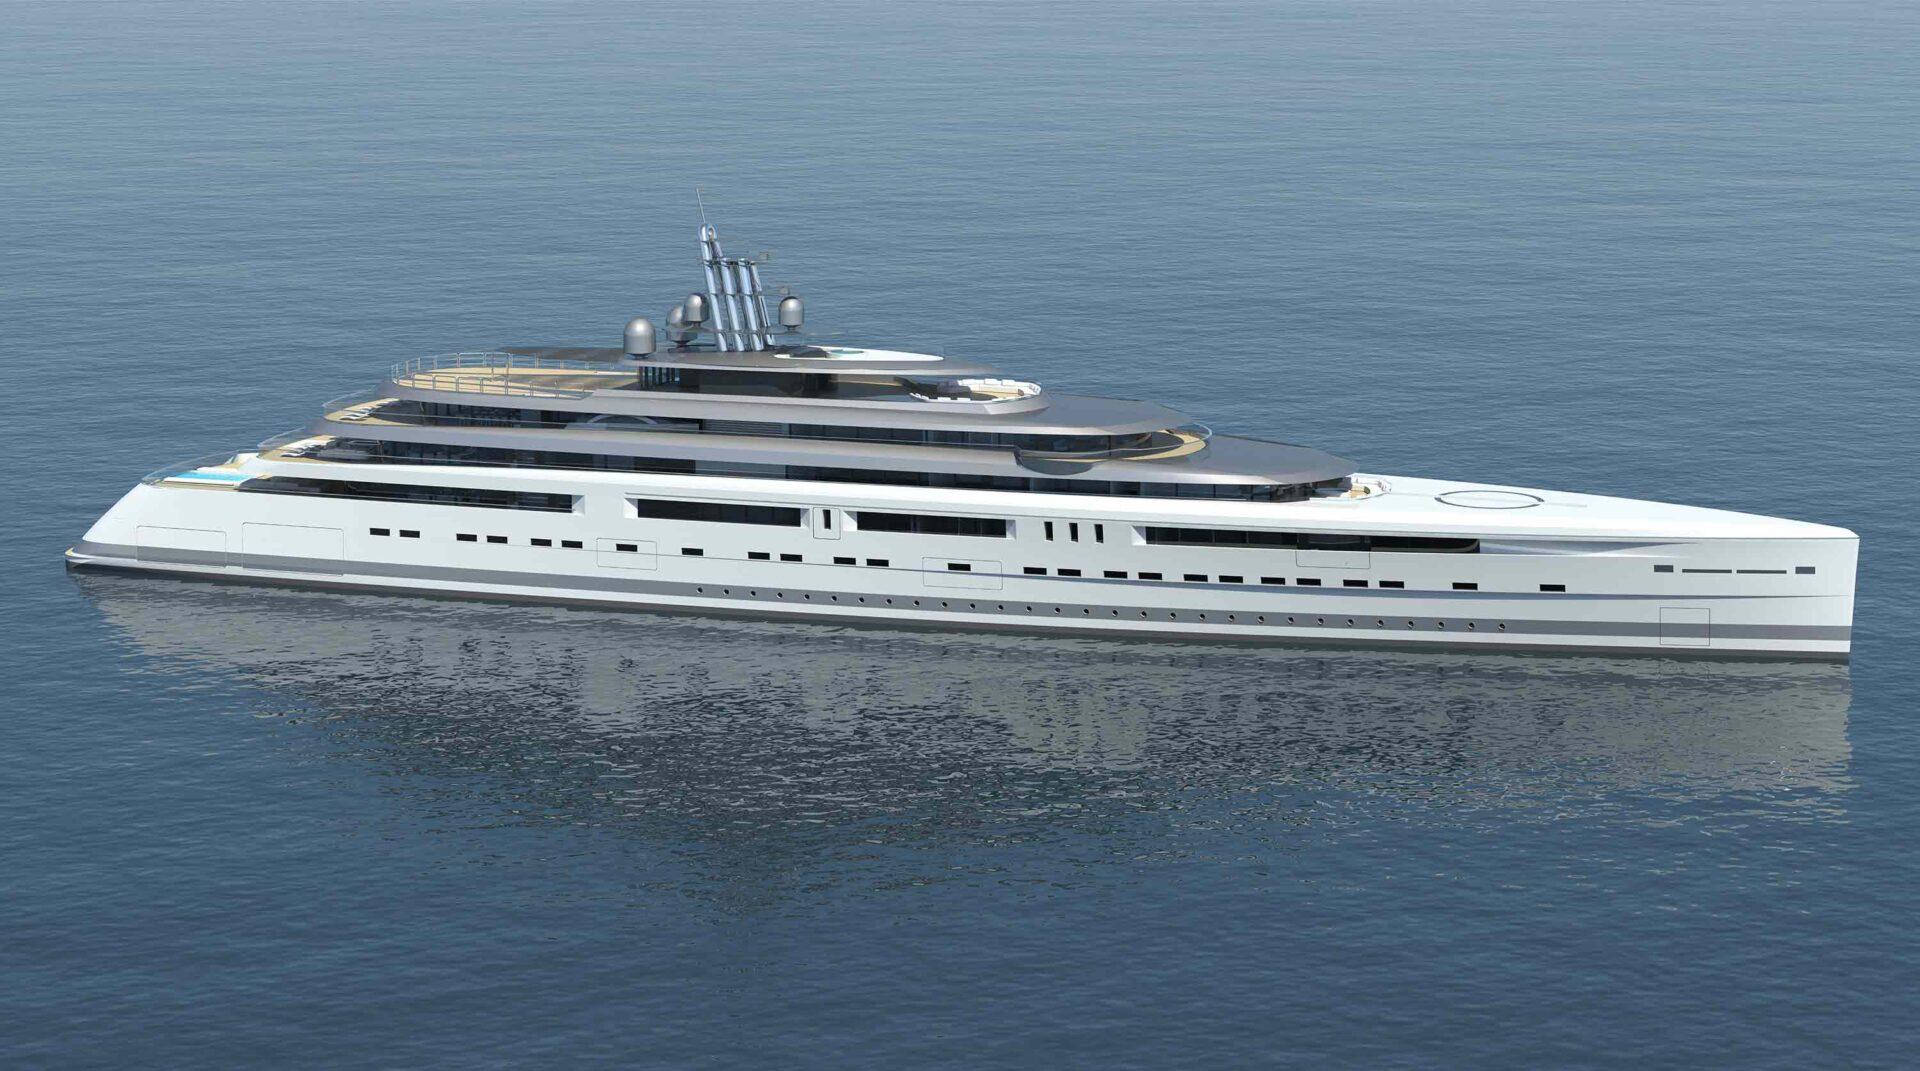 105 mega yacht